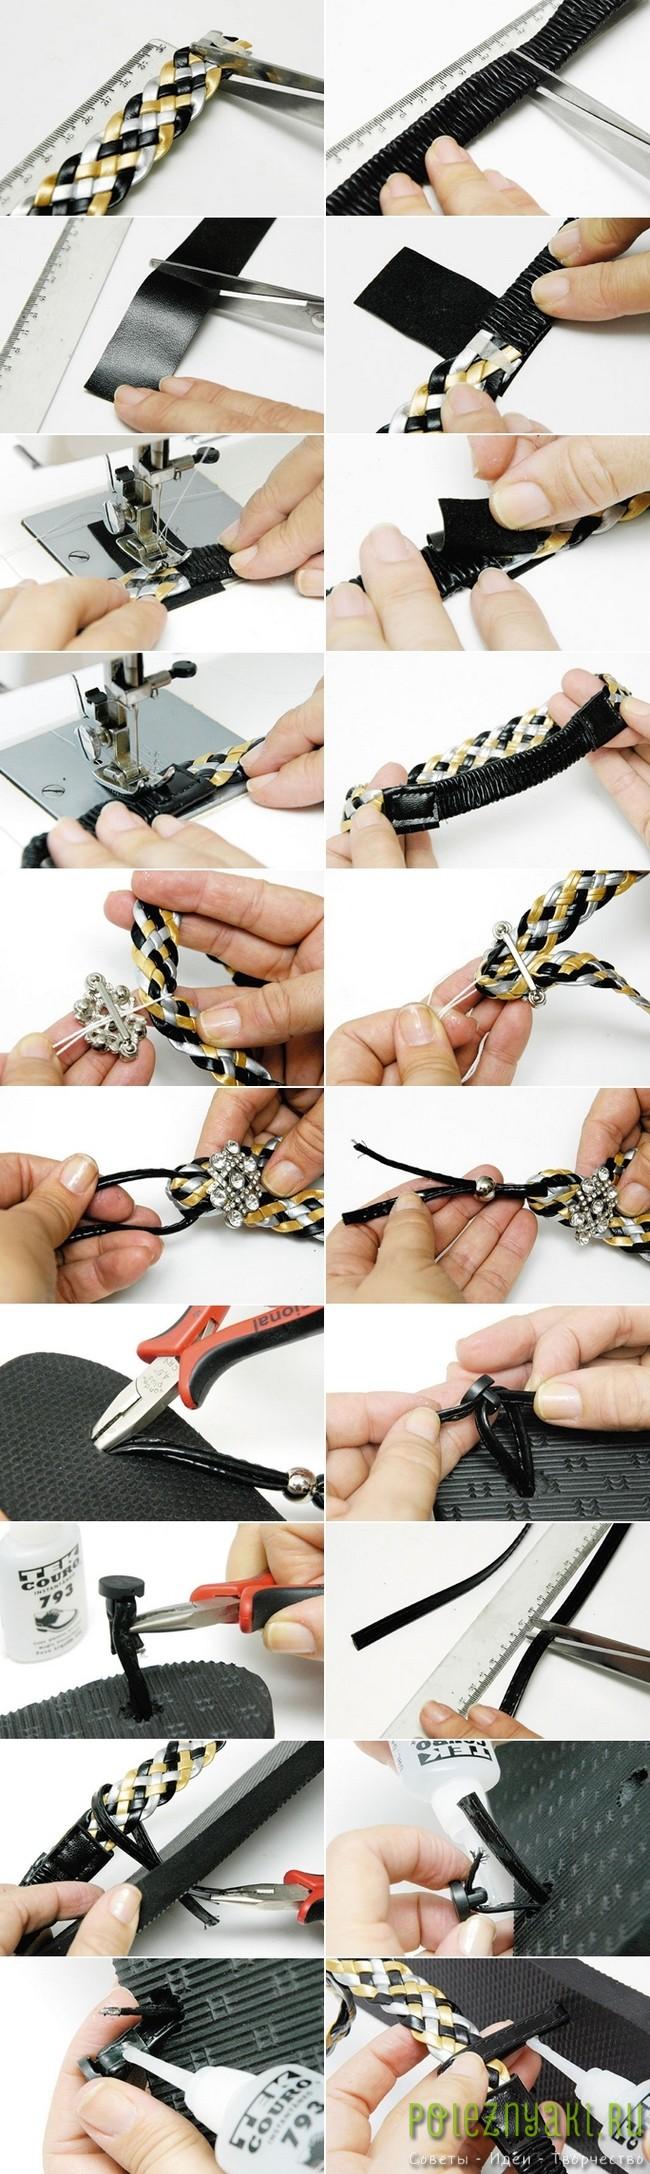 Превращаем домашние черно-желтые шлепанцы в модный летний аксессуар 2